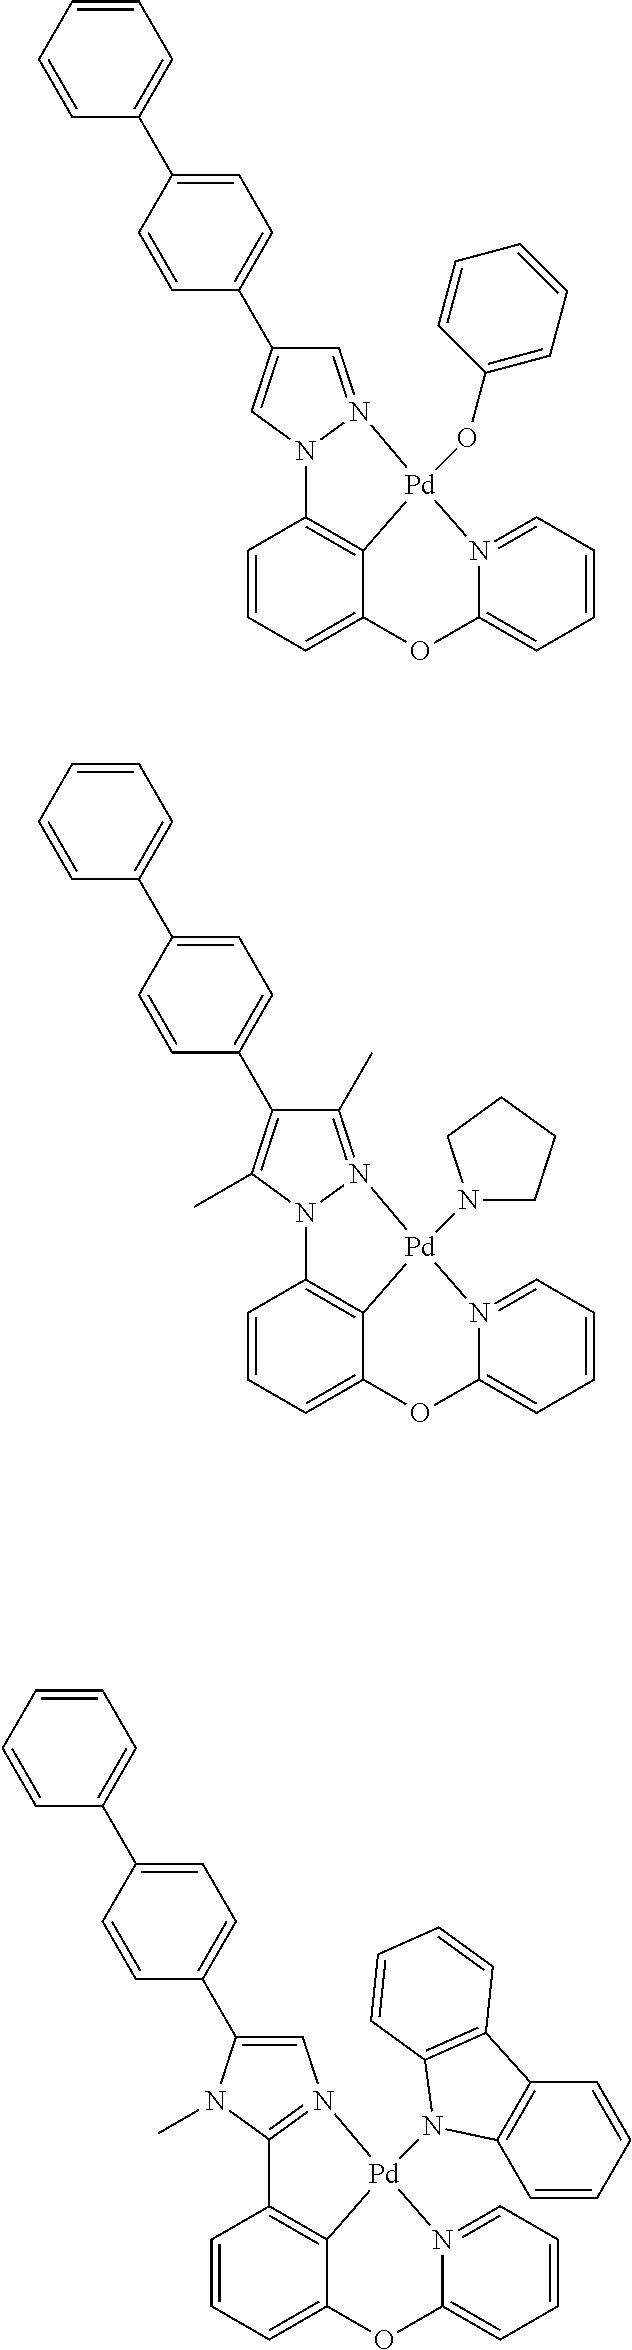 Figure US09818959-20171114-C00544